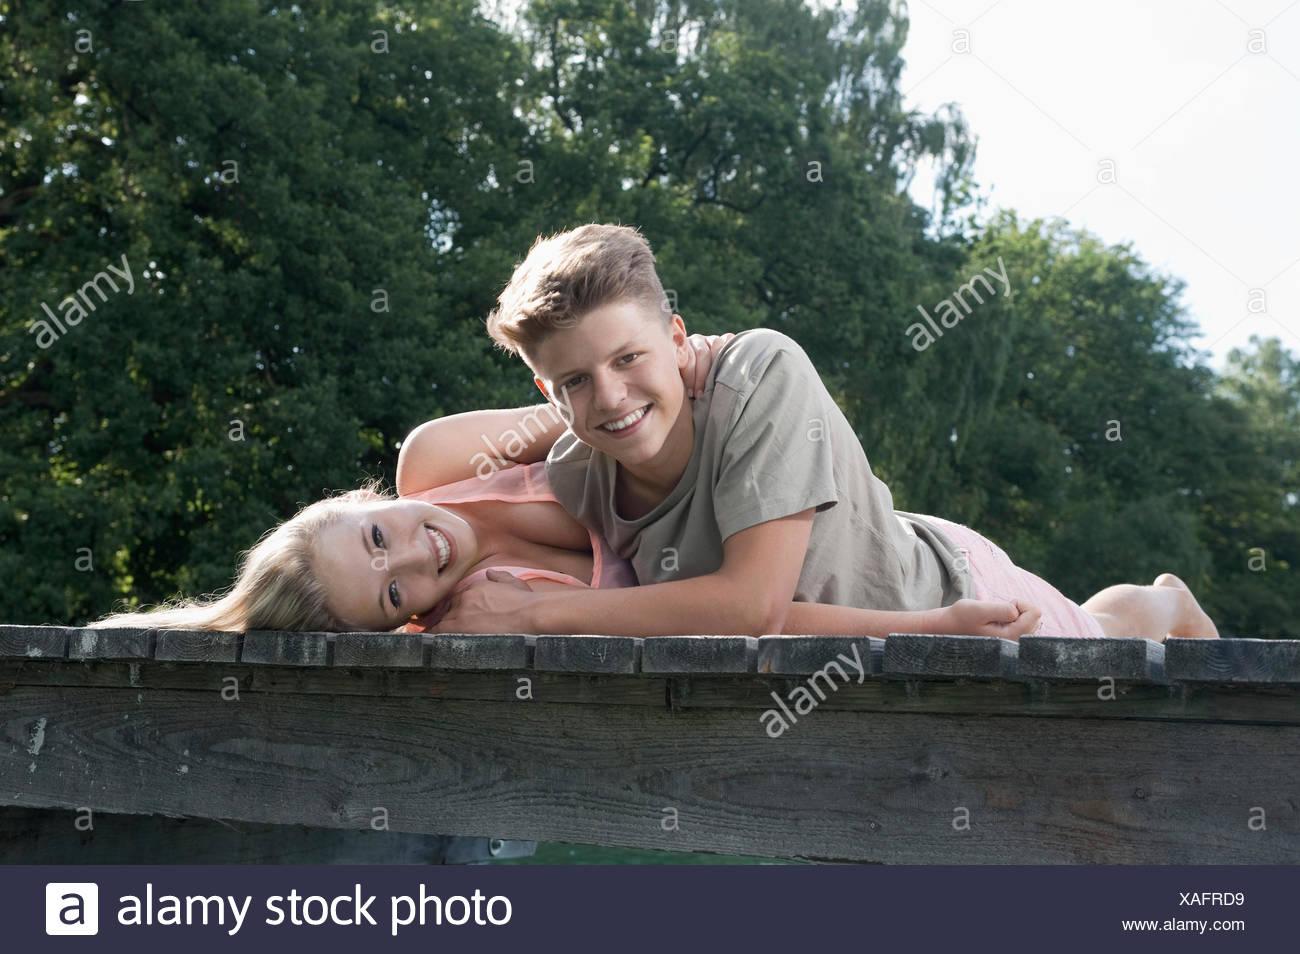 La pareja de adolescentes tumbado sobre un embarcadero en el lago Imagen De Stock